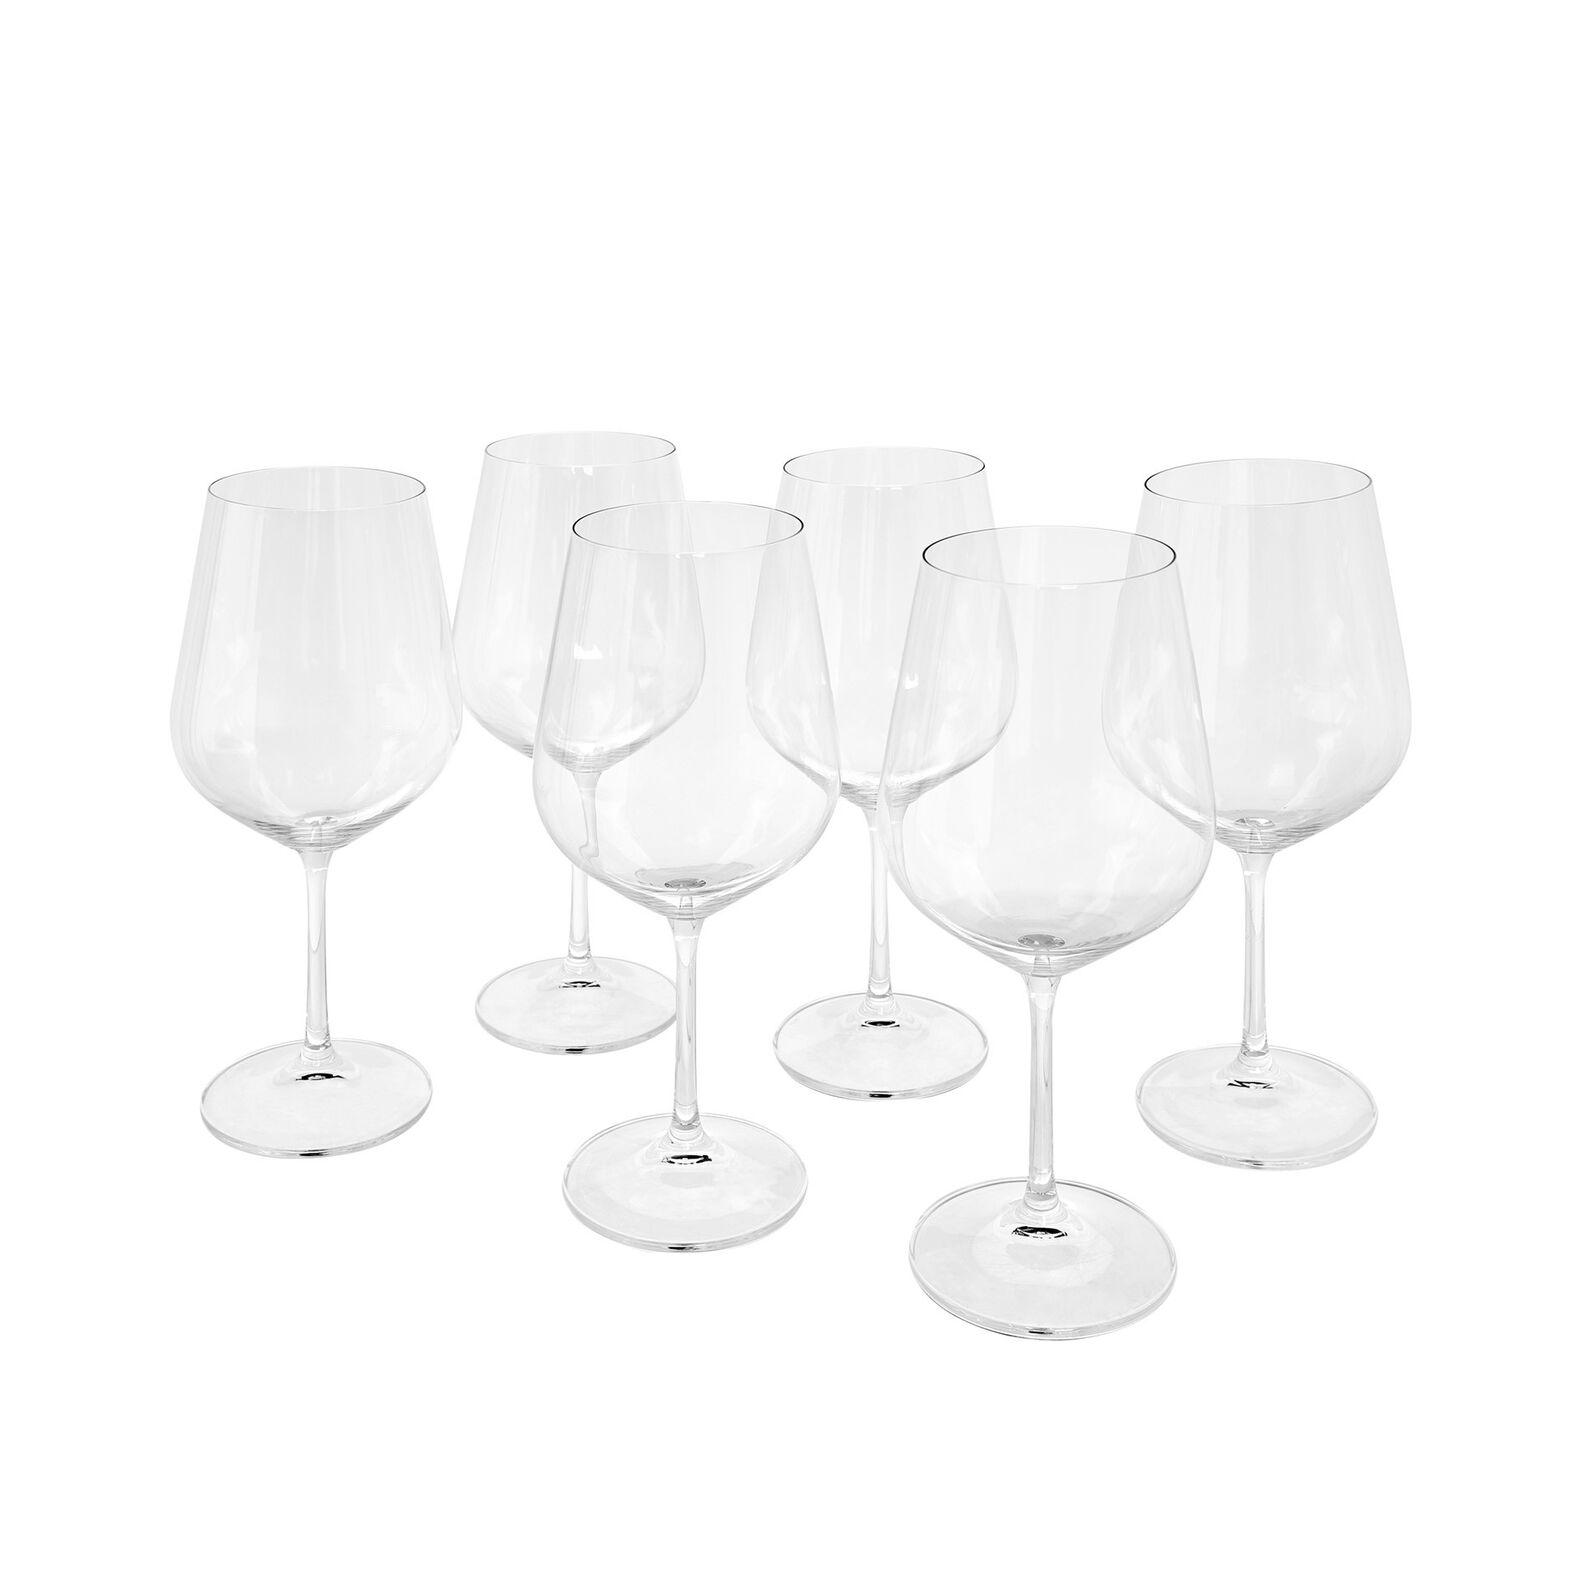 Set of 6 wine goblets, 58 cl.